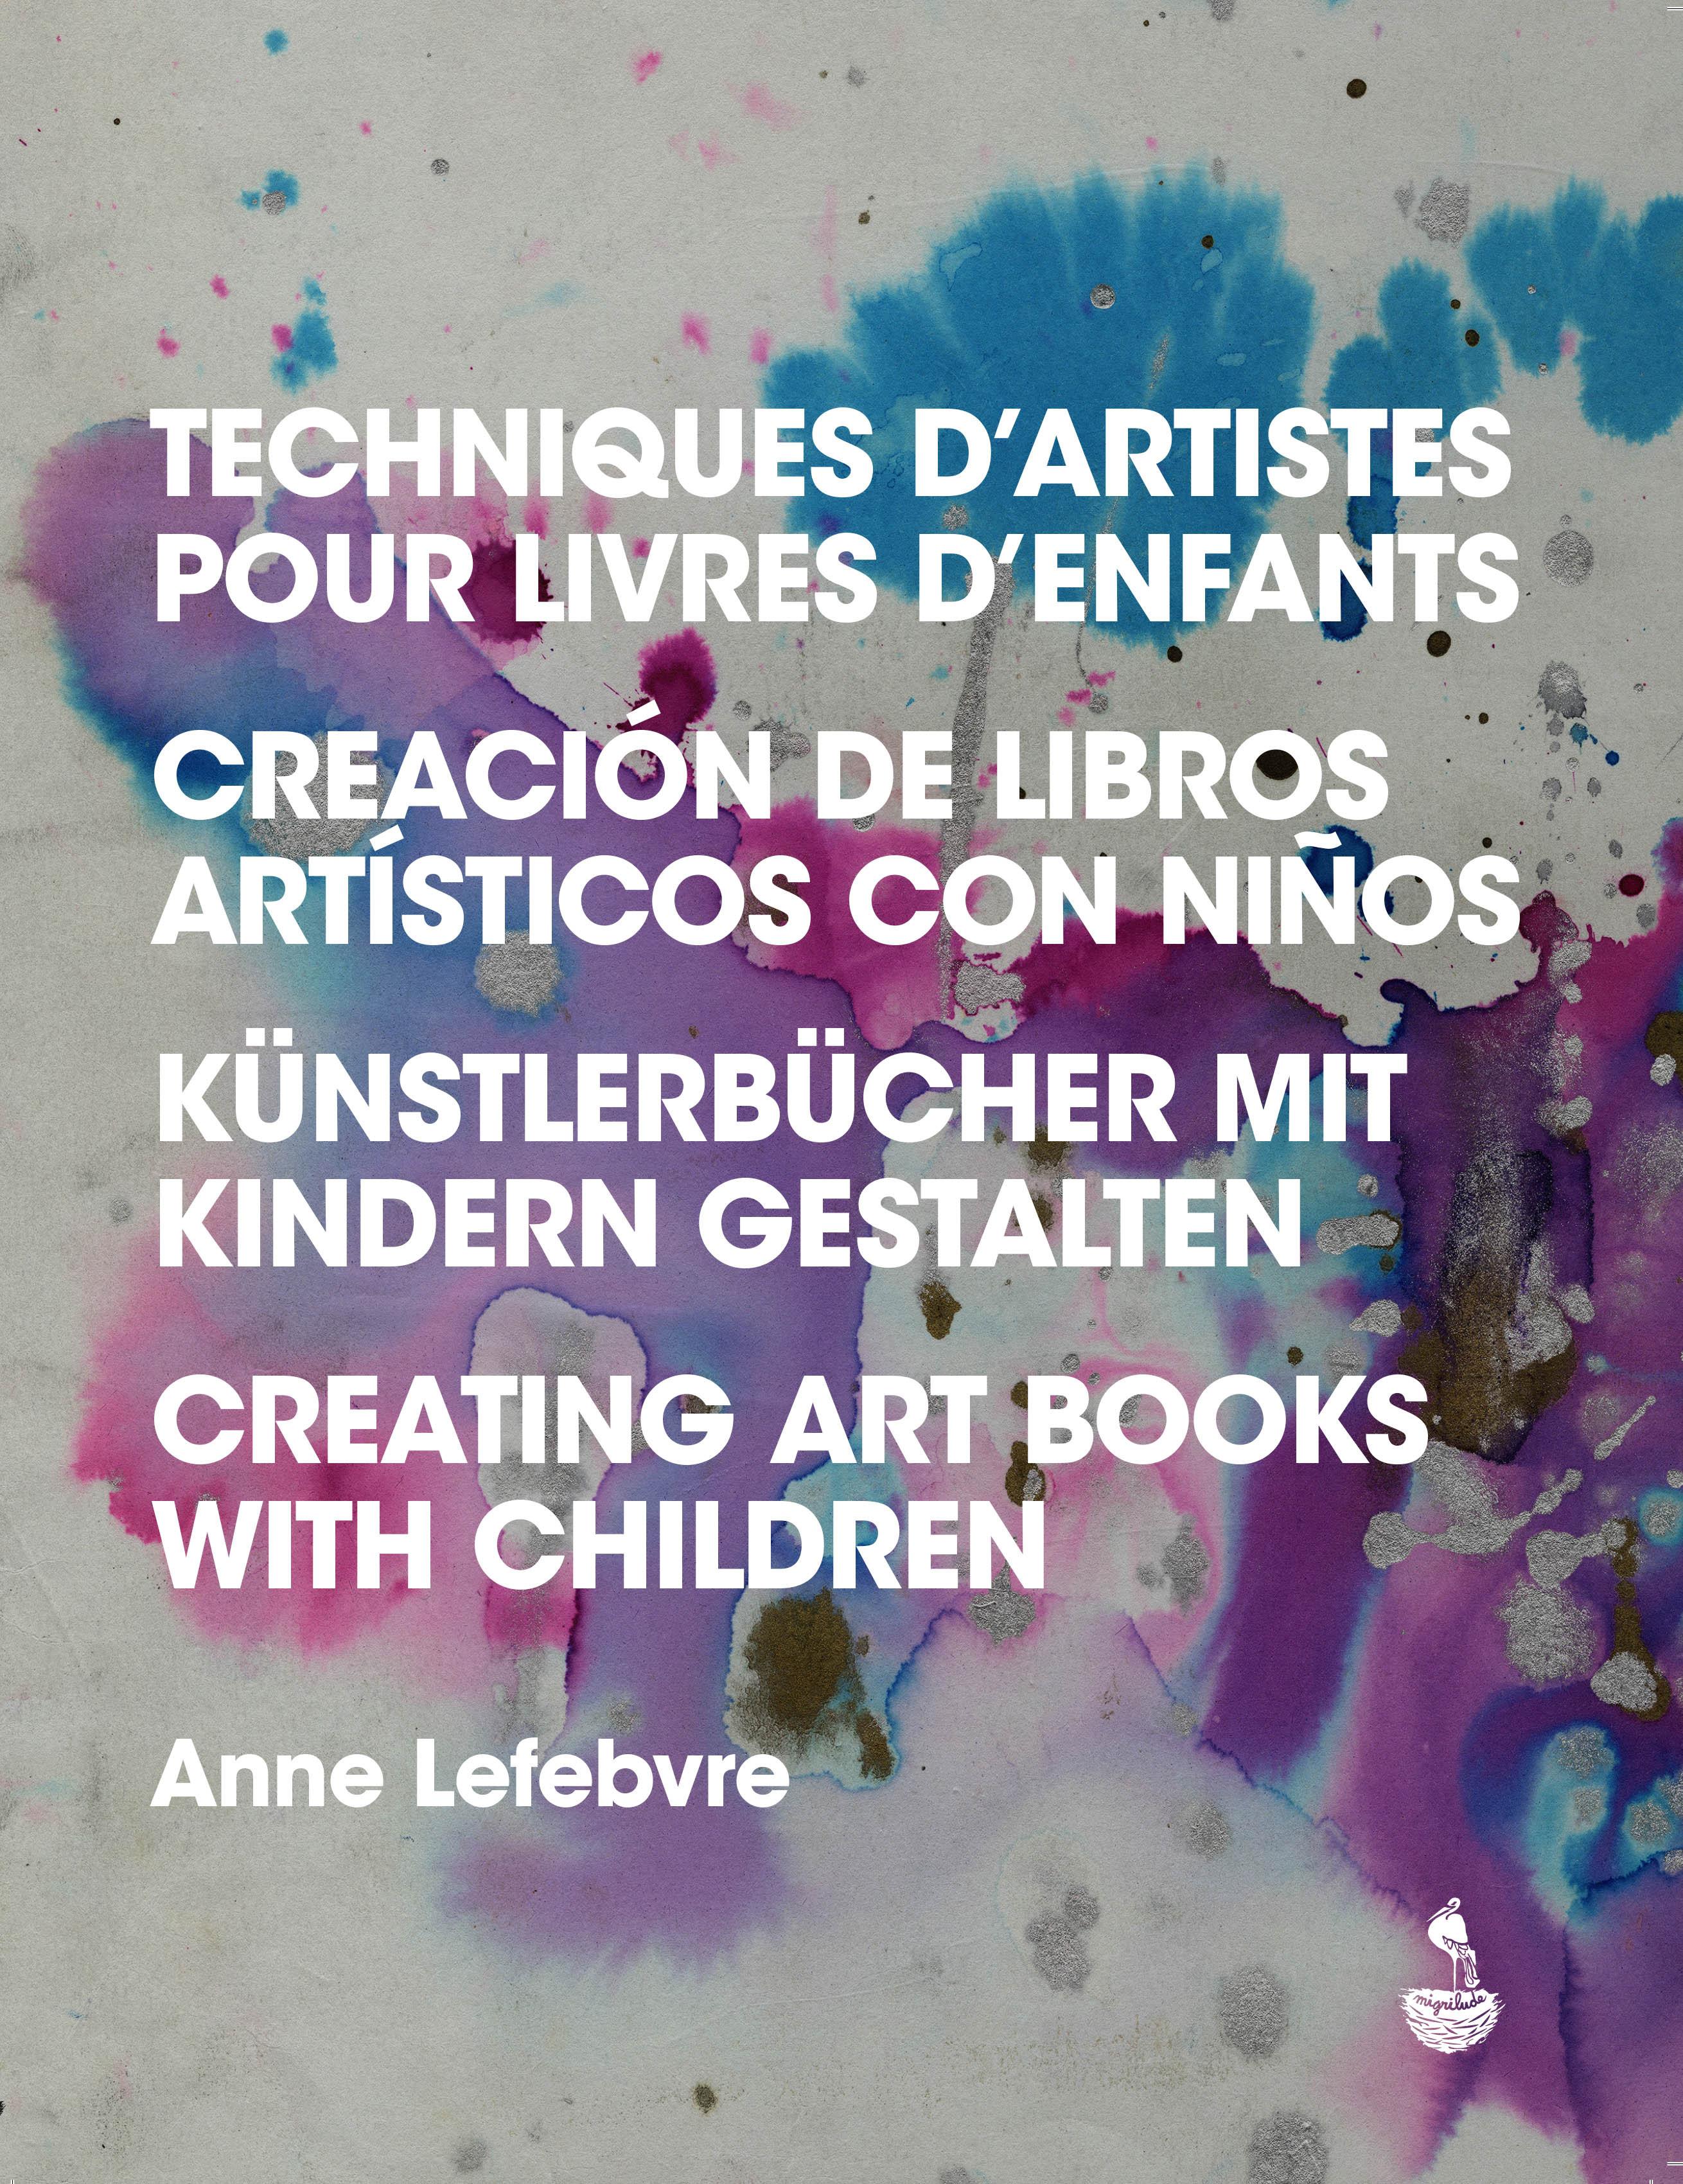 TECHNIQUES D'ARTISTES POUR LIVRES D'ENFANTS